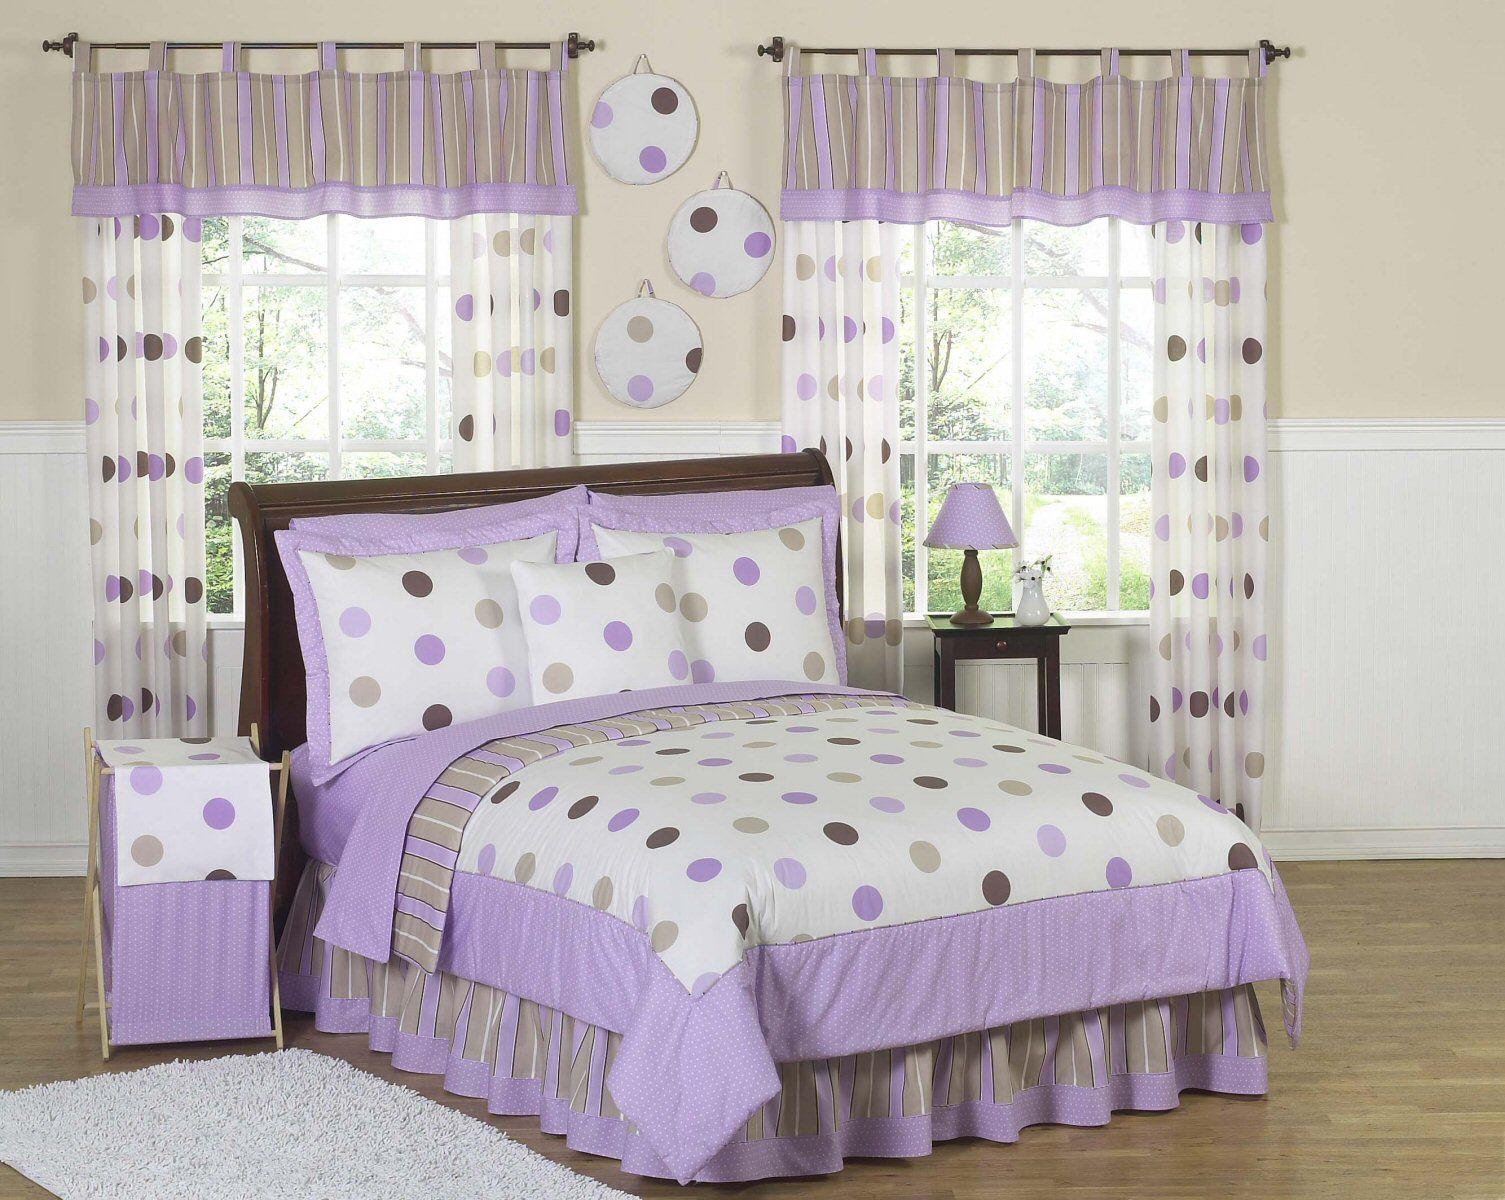 purple & brown polka dot bedding twin full/queen girls comforter